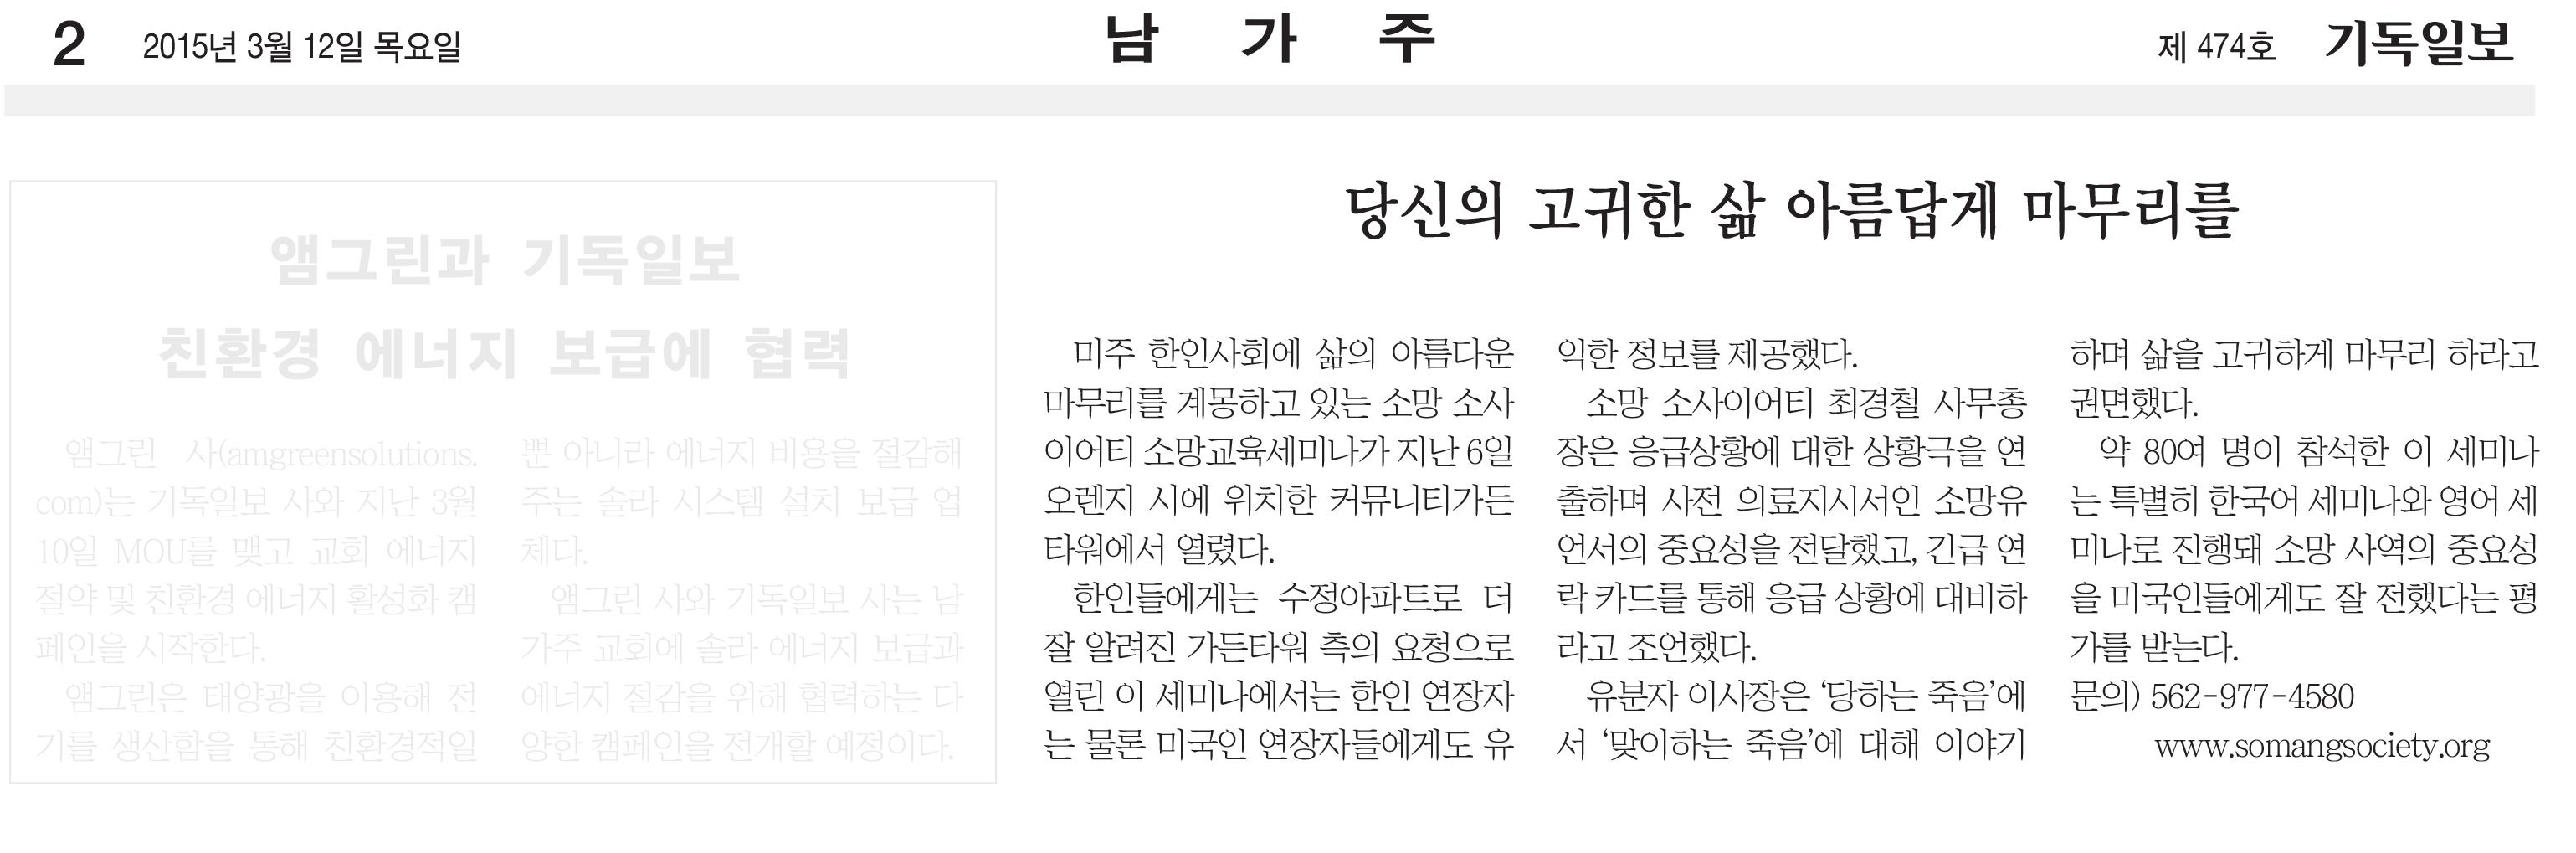 """""""당신의 고귀한 삶 아름답게 마무리를"""" 2015년 3월 12일 기독일보"""